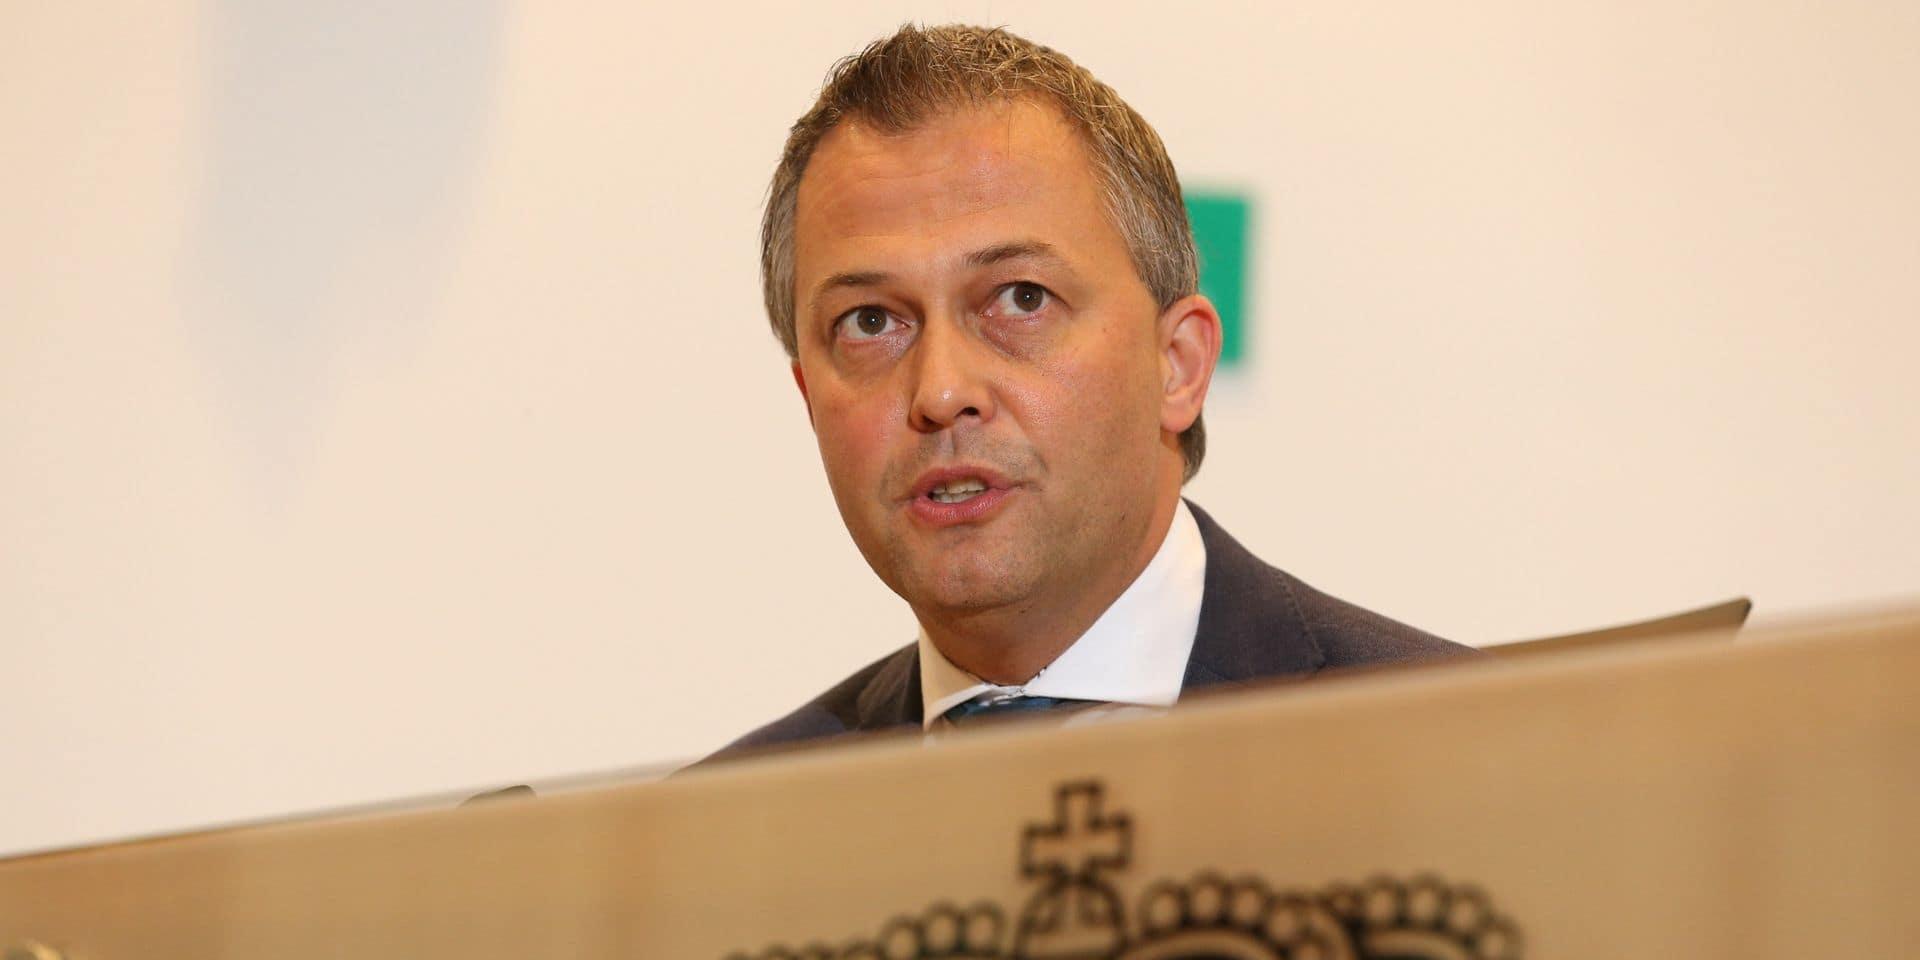 Le préformateur Egbert Lachaert (Open Vld) en quarantaine après avoir été testé positif au coronavirus, les réunions suspendues